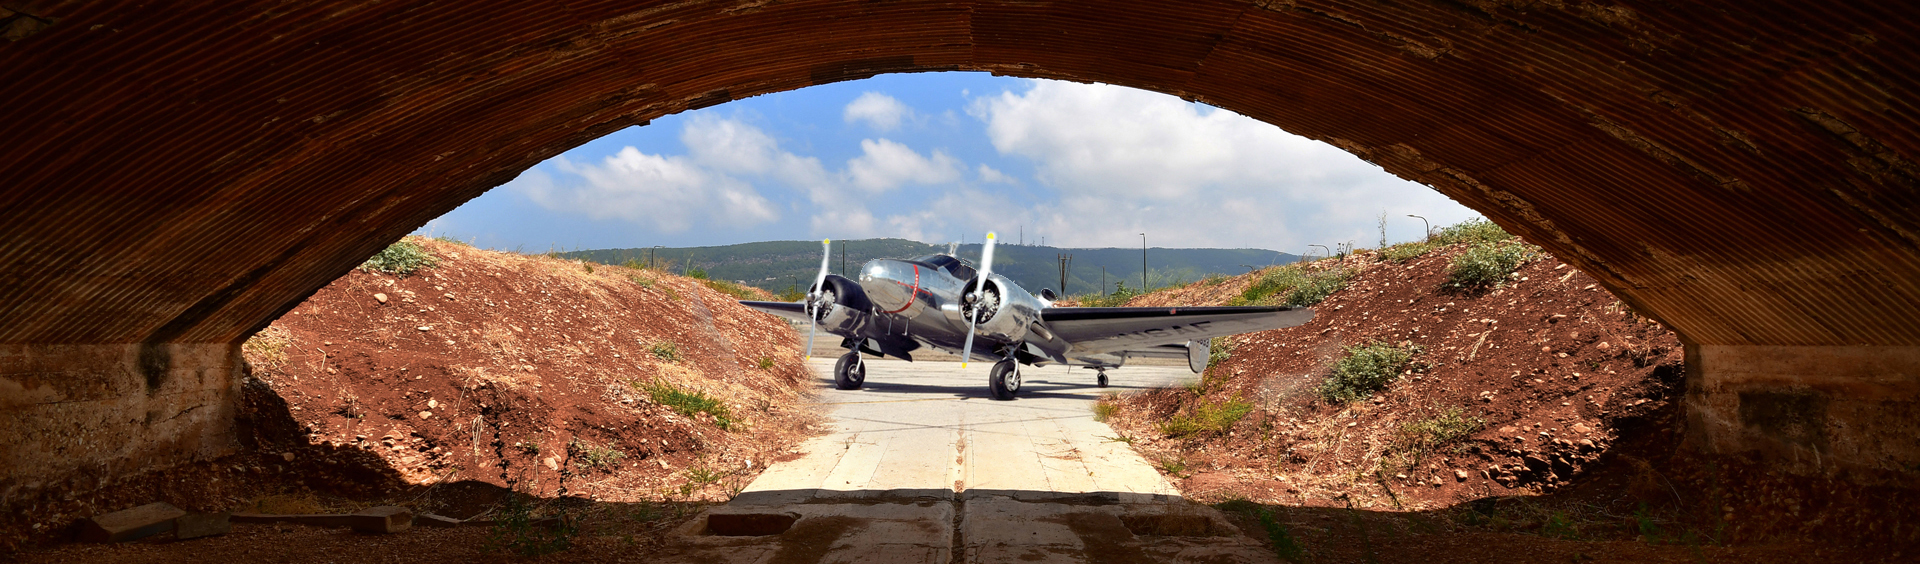 טרמינל 2 מנחת בצת - שדה תעופה - יואל שתרוג - אדמה יוצרת - yoel sitruk